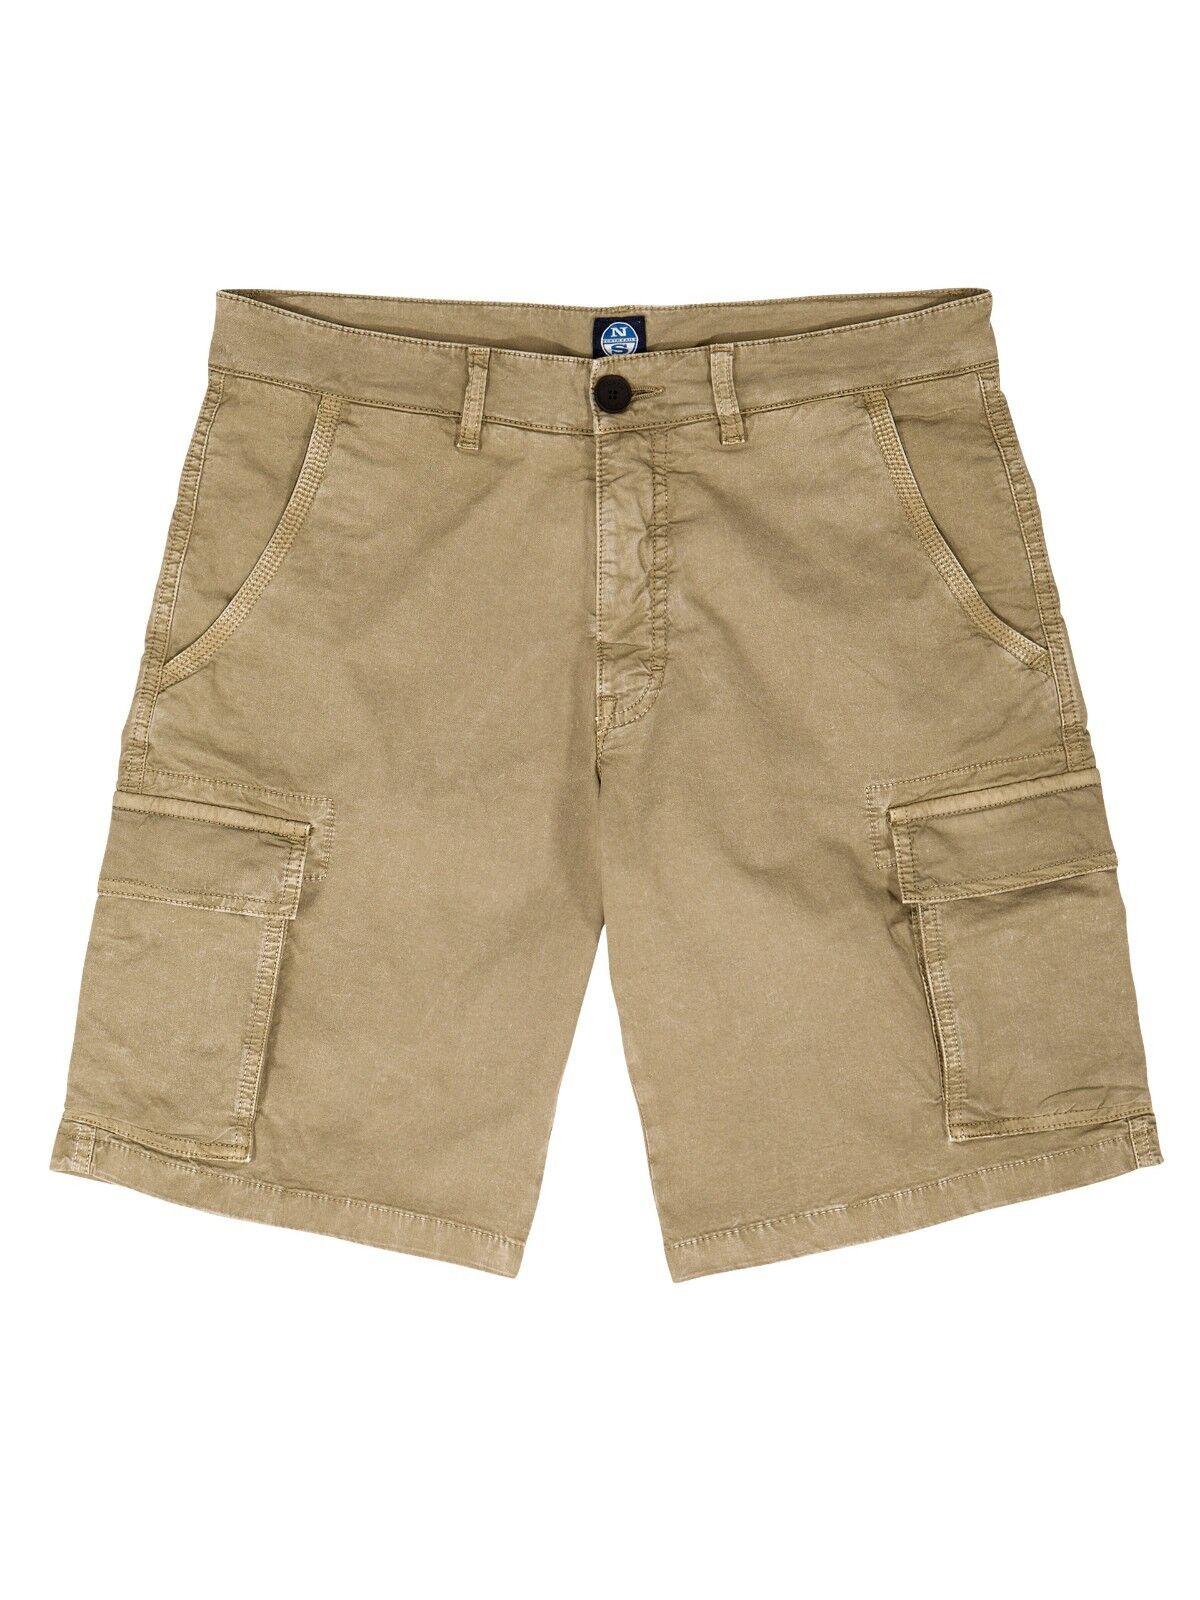 Bermuda Bermuda Bermuda da uomo beige North sails Lowell cargo shorts tasconi pantaloncino corto e13d91